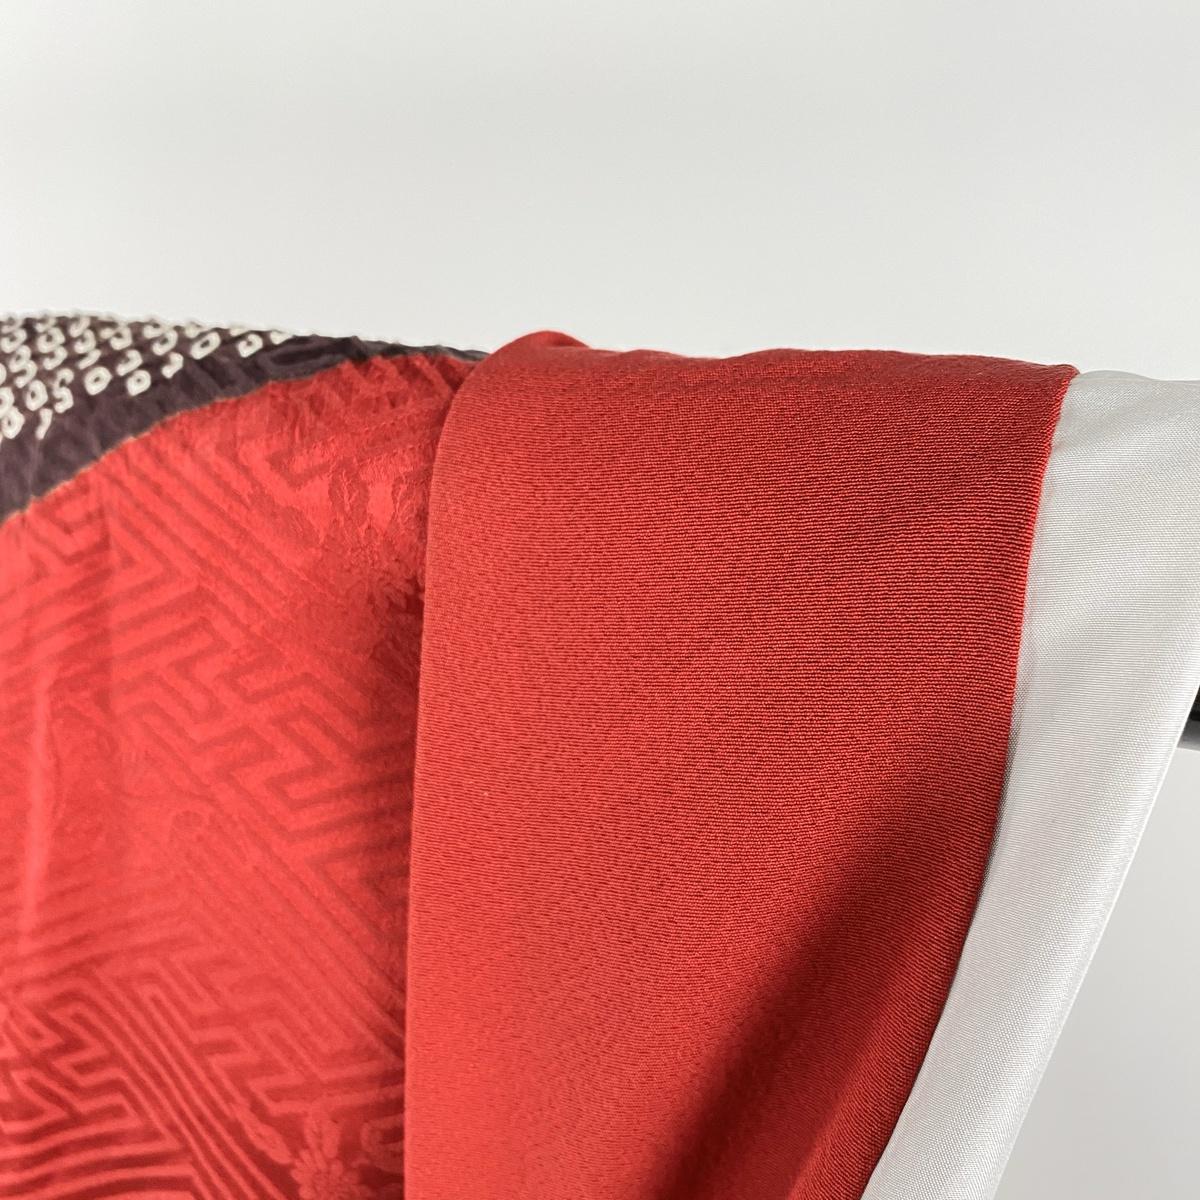 振袖 秀品 袋帯フルセット 花丸文 熨斗 金糸 金銀彩 赤 袷 身丈158cm 裄丈67cm M 正絹Ybvf76gy